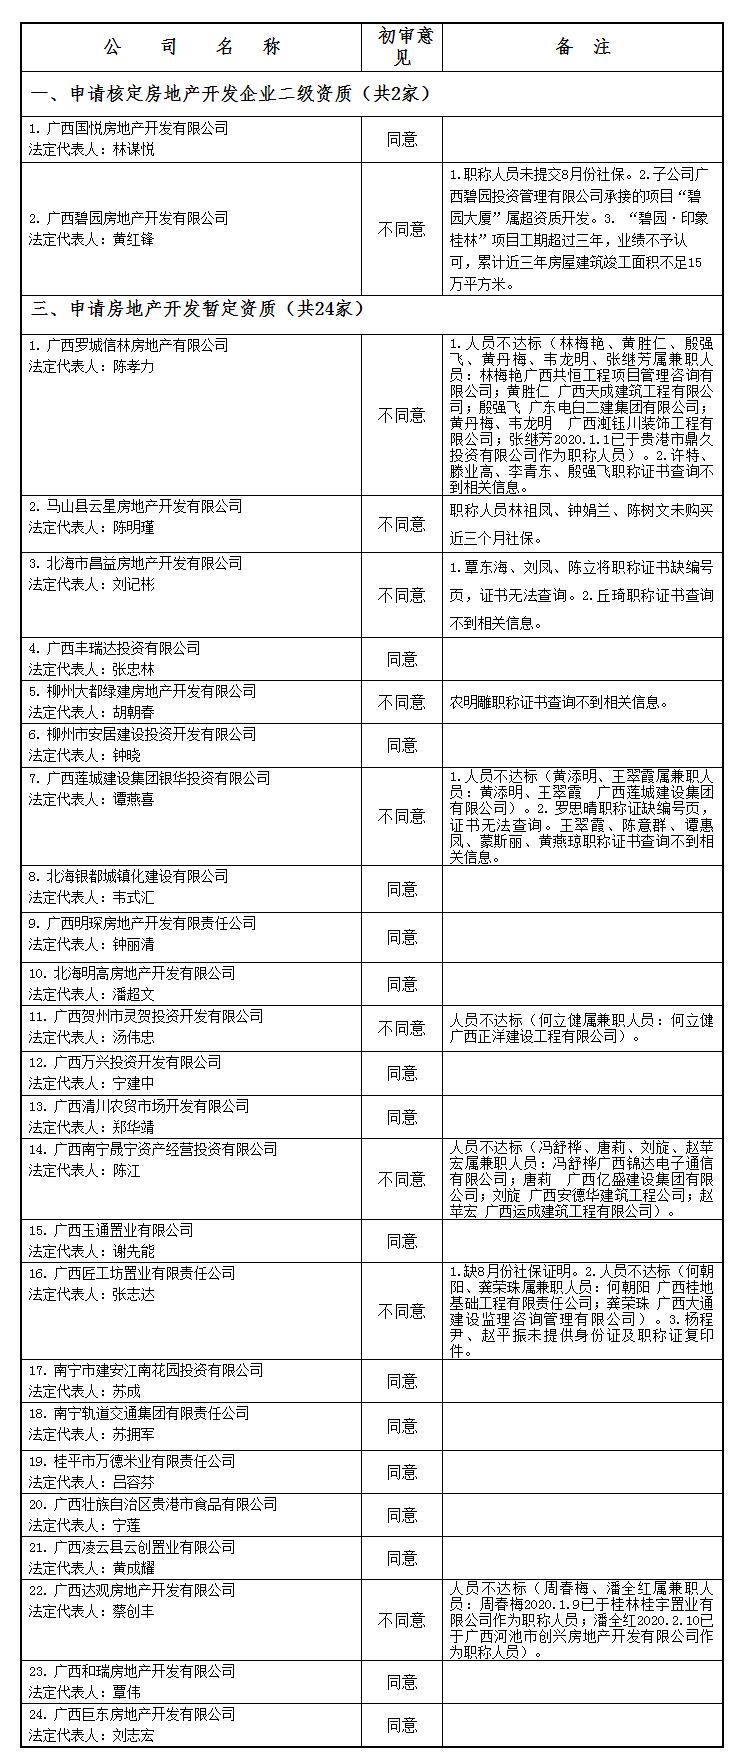 广西住房和城乡建设厅网站--_关于公布2020年第14批房地产企业资质(资格)结果的公告(第1716.png